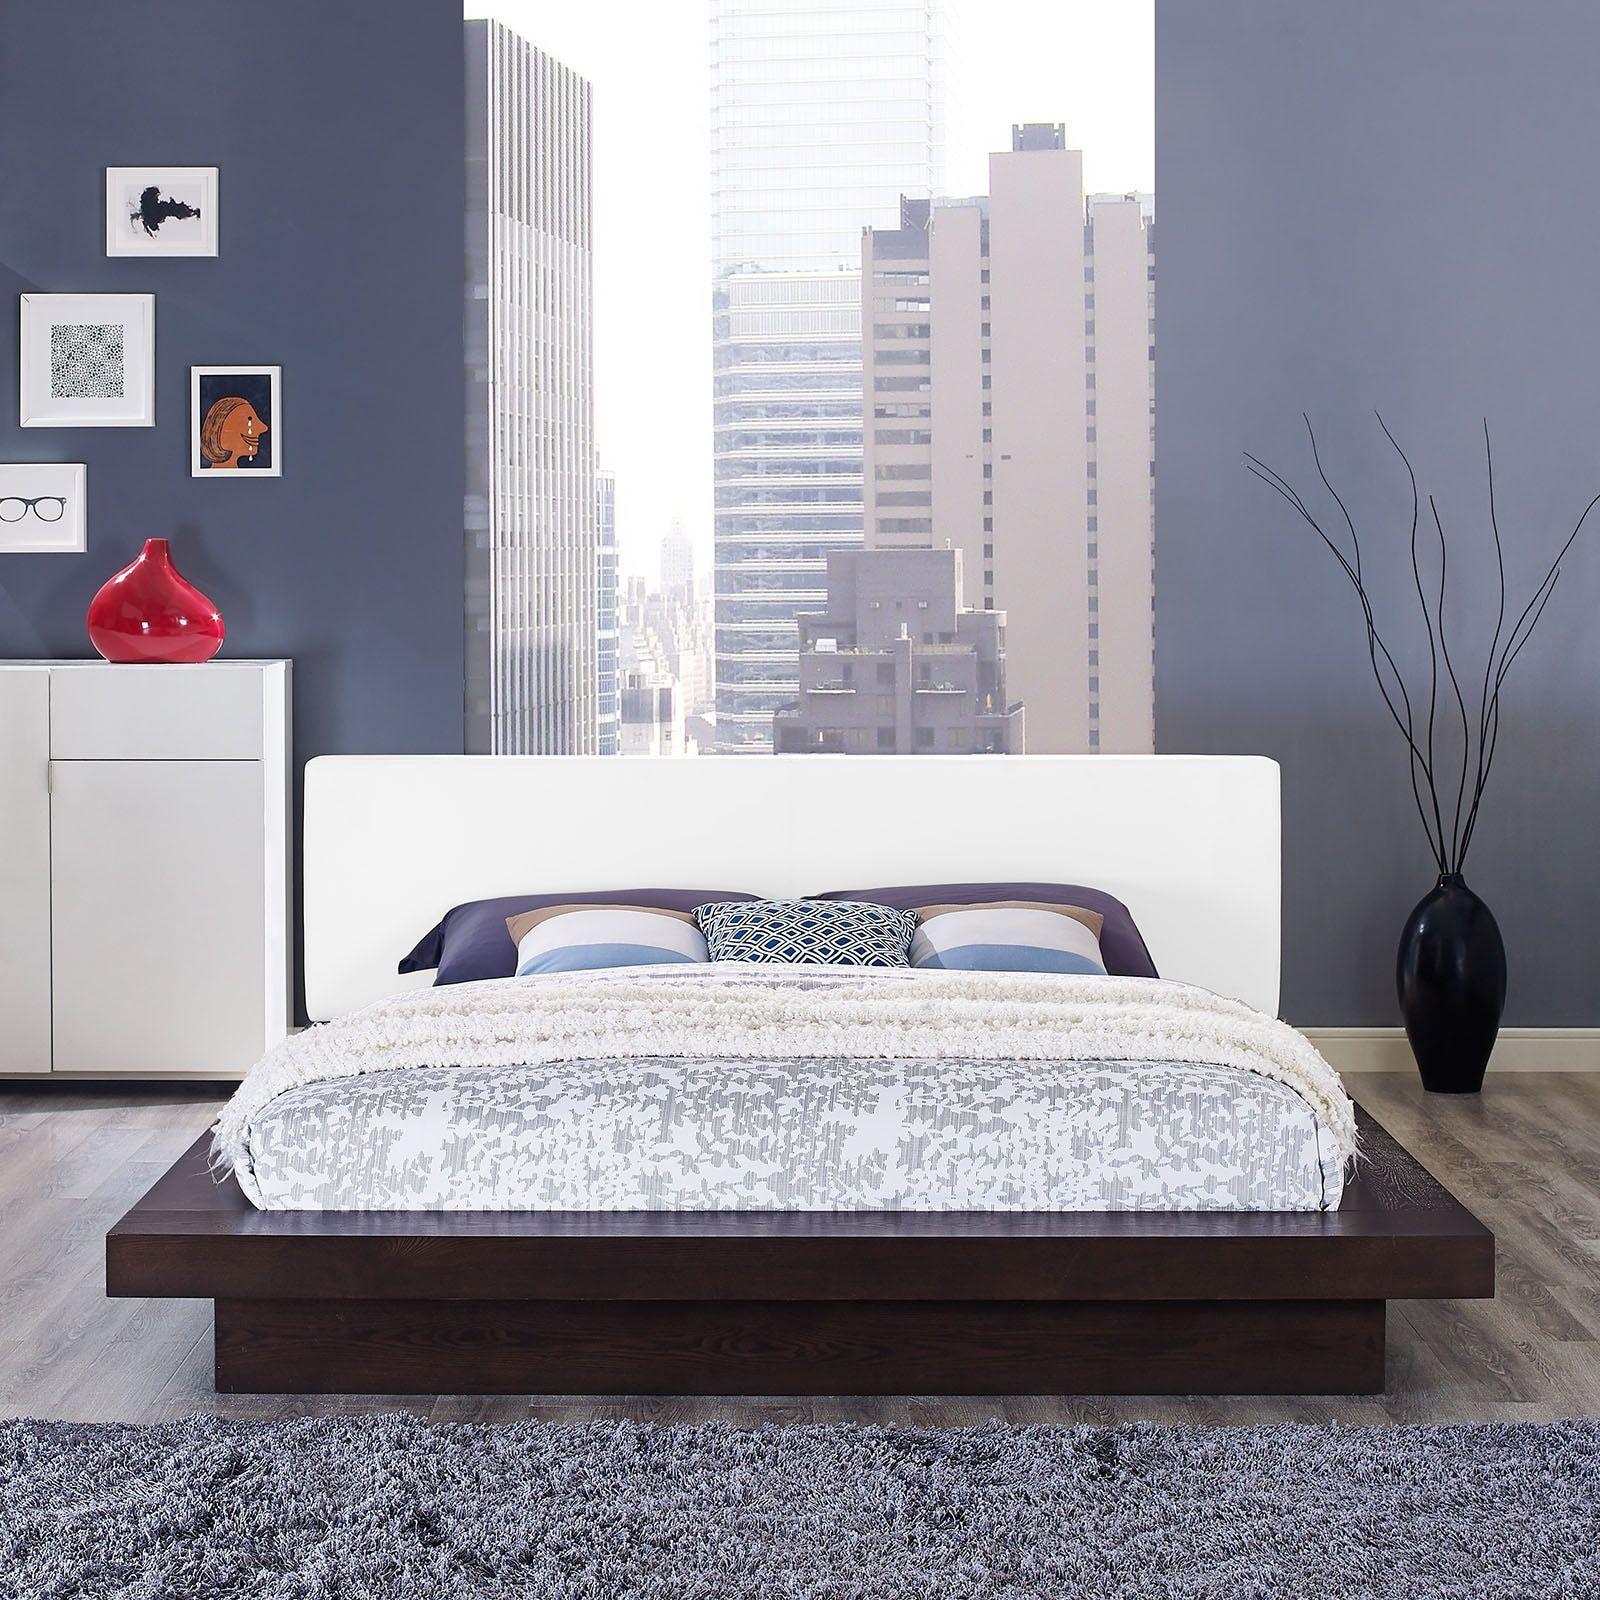 Modway Freja Vinyl Platform Bed in Cappuccino White, Beige ...